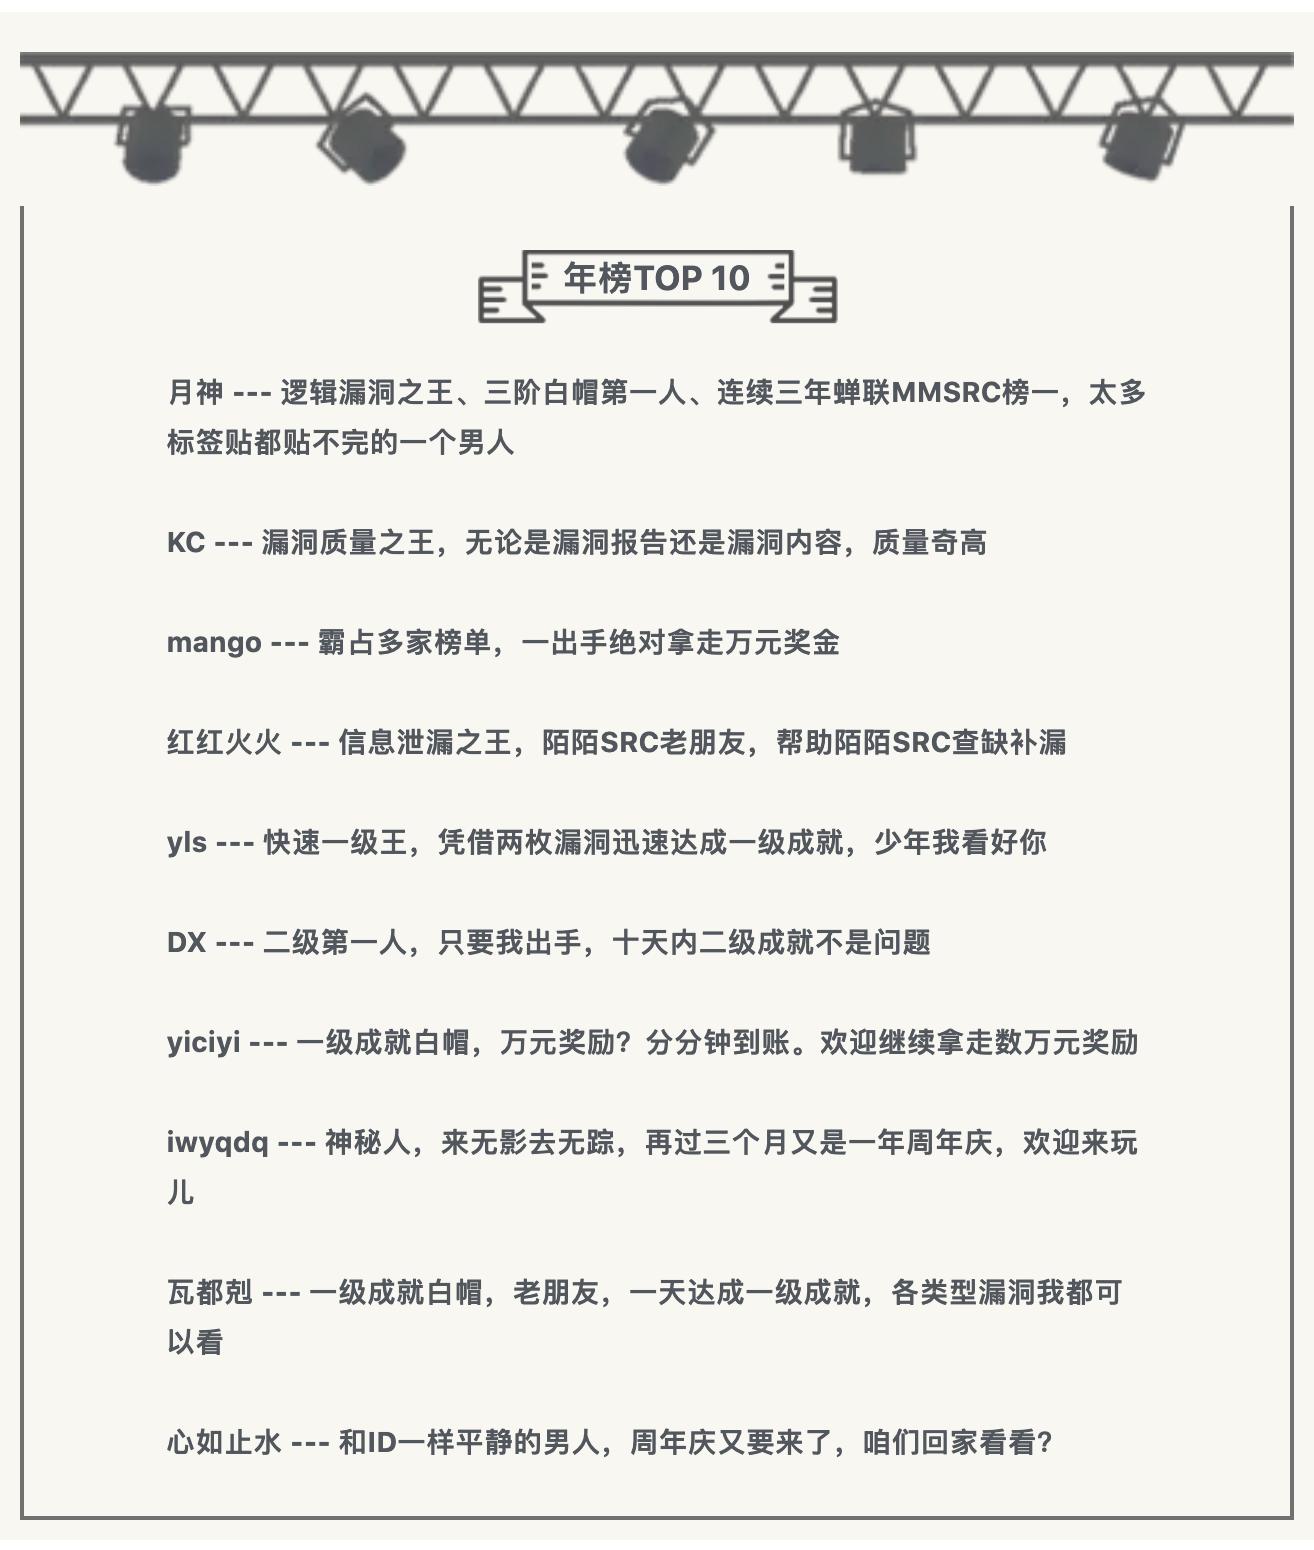 https://momo-mmsrc.oss-cn-hangzhou.aliyuncs.com/img-6a3ff527-3e51-39a0-9d79-d1188bae03a6.png